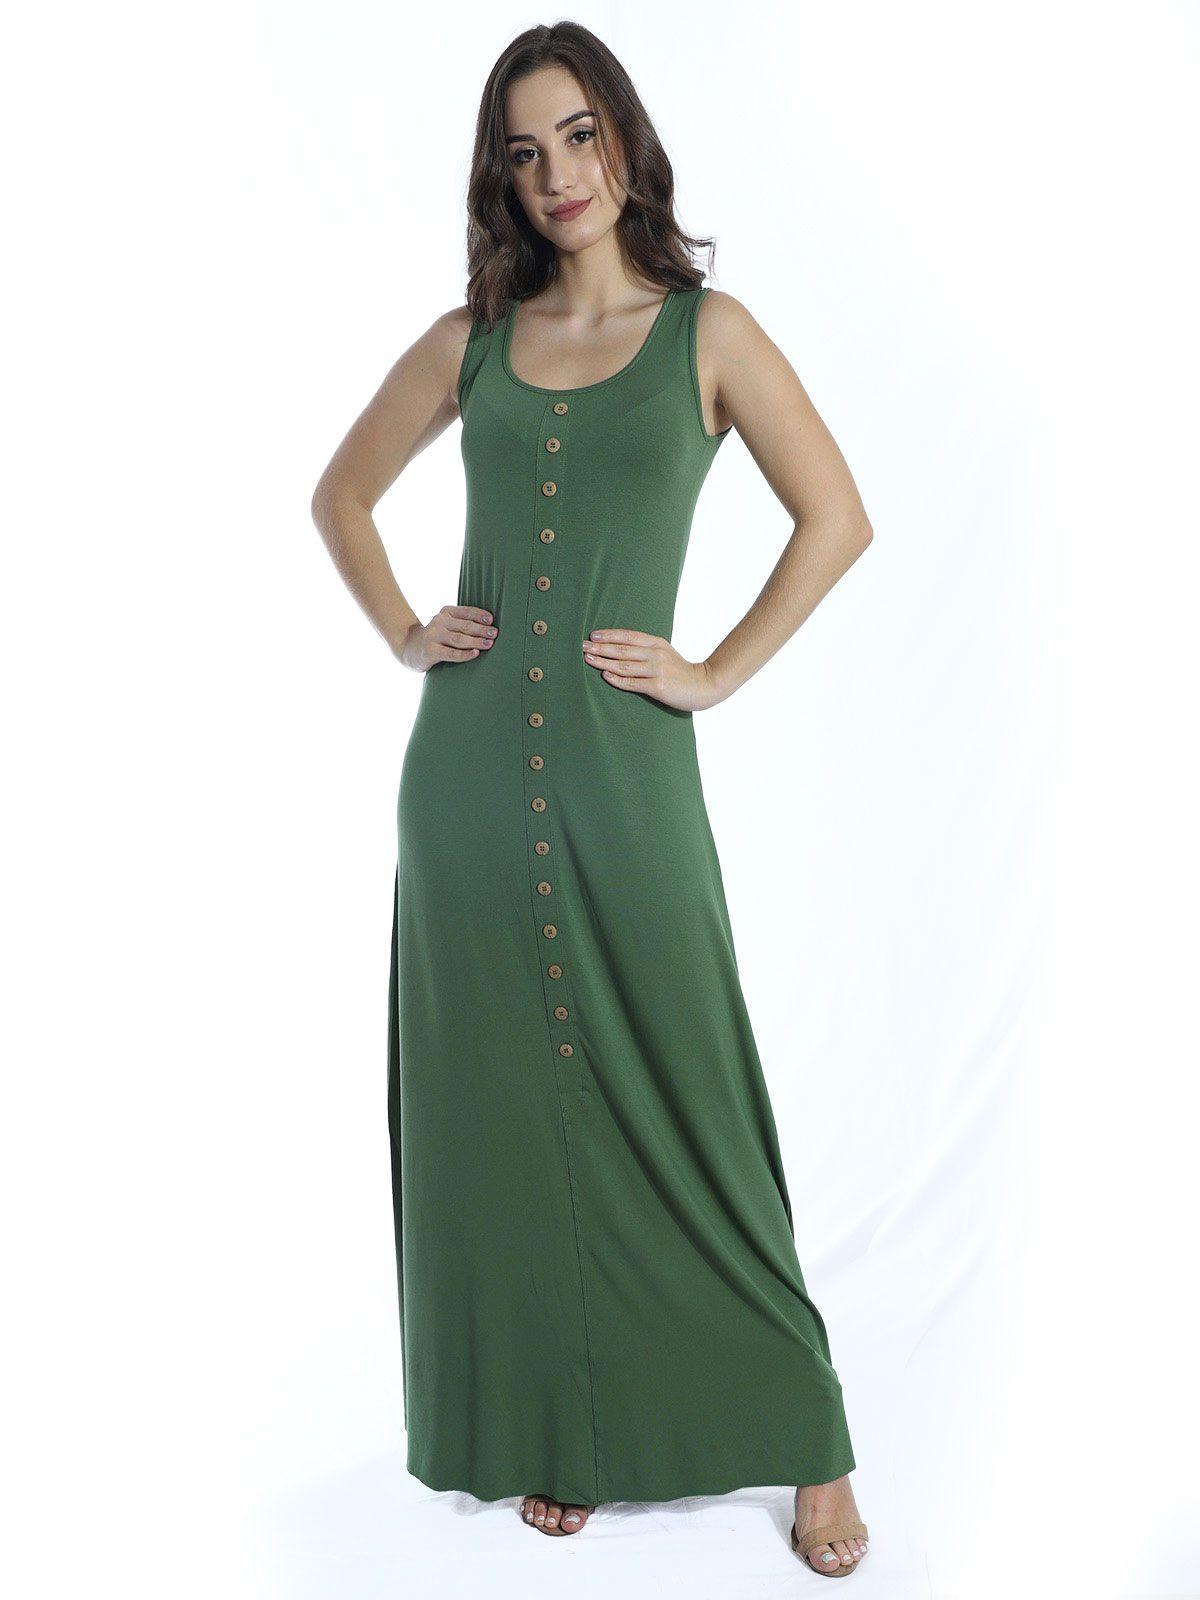 Vestido Anistia Longo Viscolycra com Botões Verde